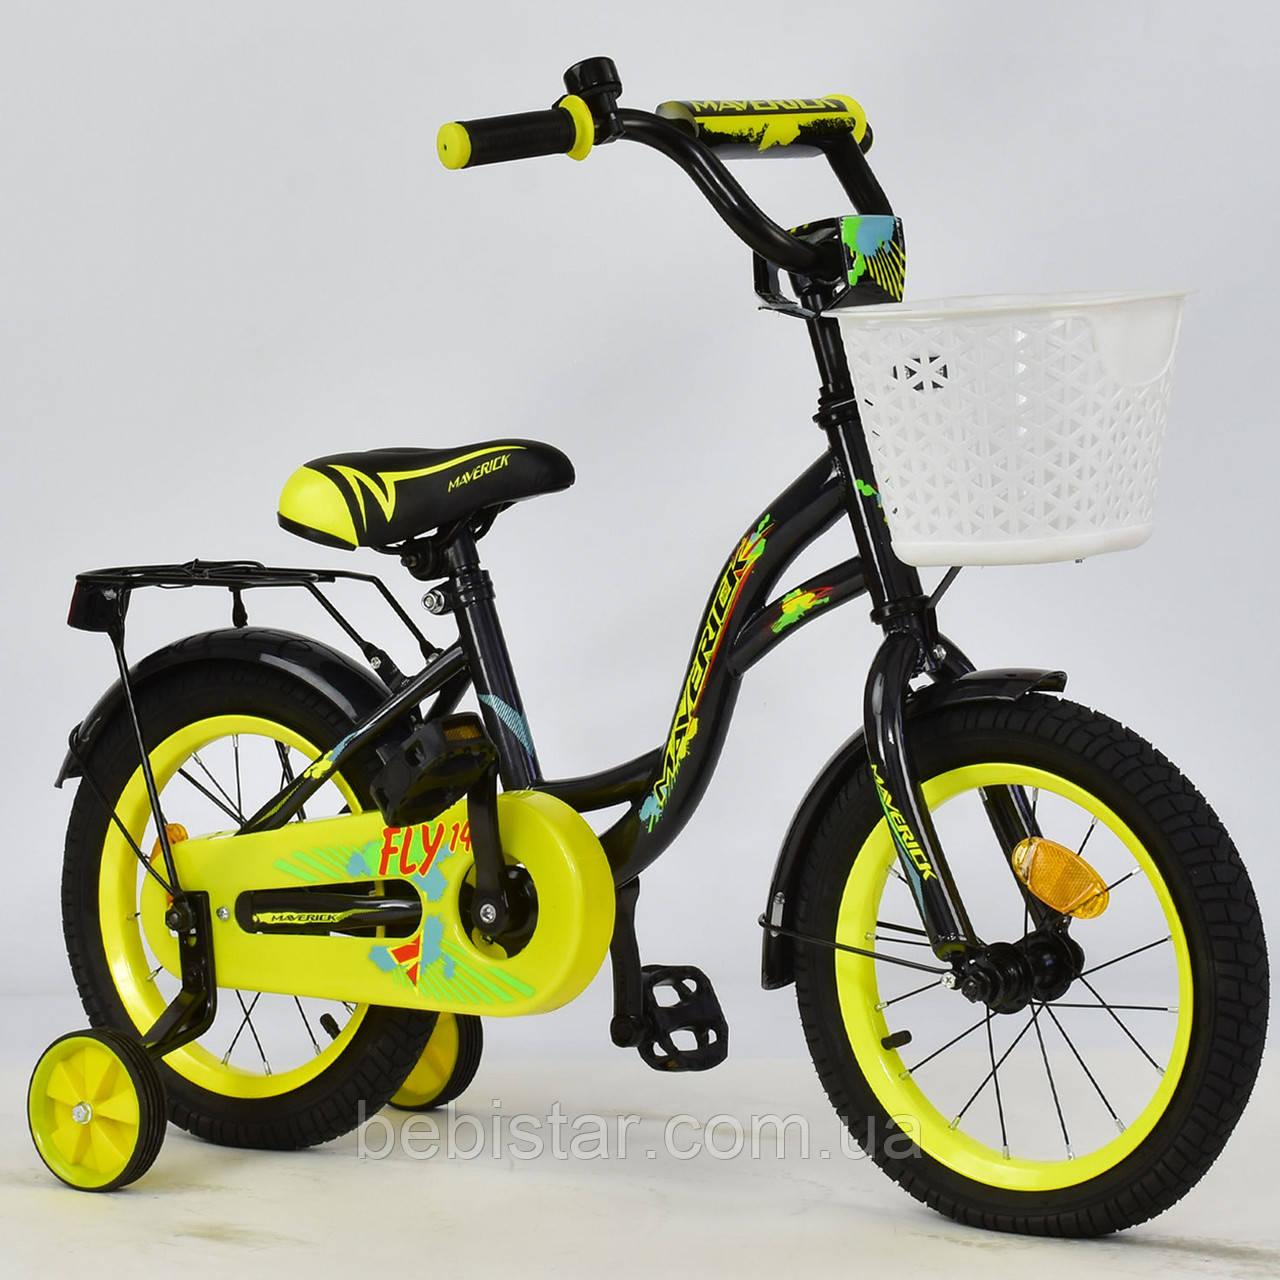 """Двухколесный велосипед Maverick 14"""" R 1409 детям 3-5 лет(без переднего тормоза)цвет черный"""